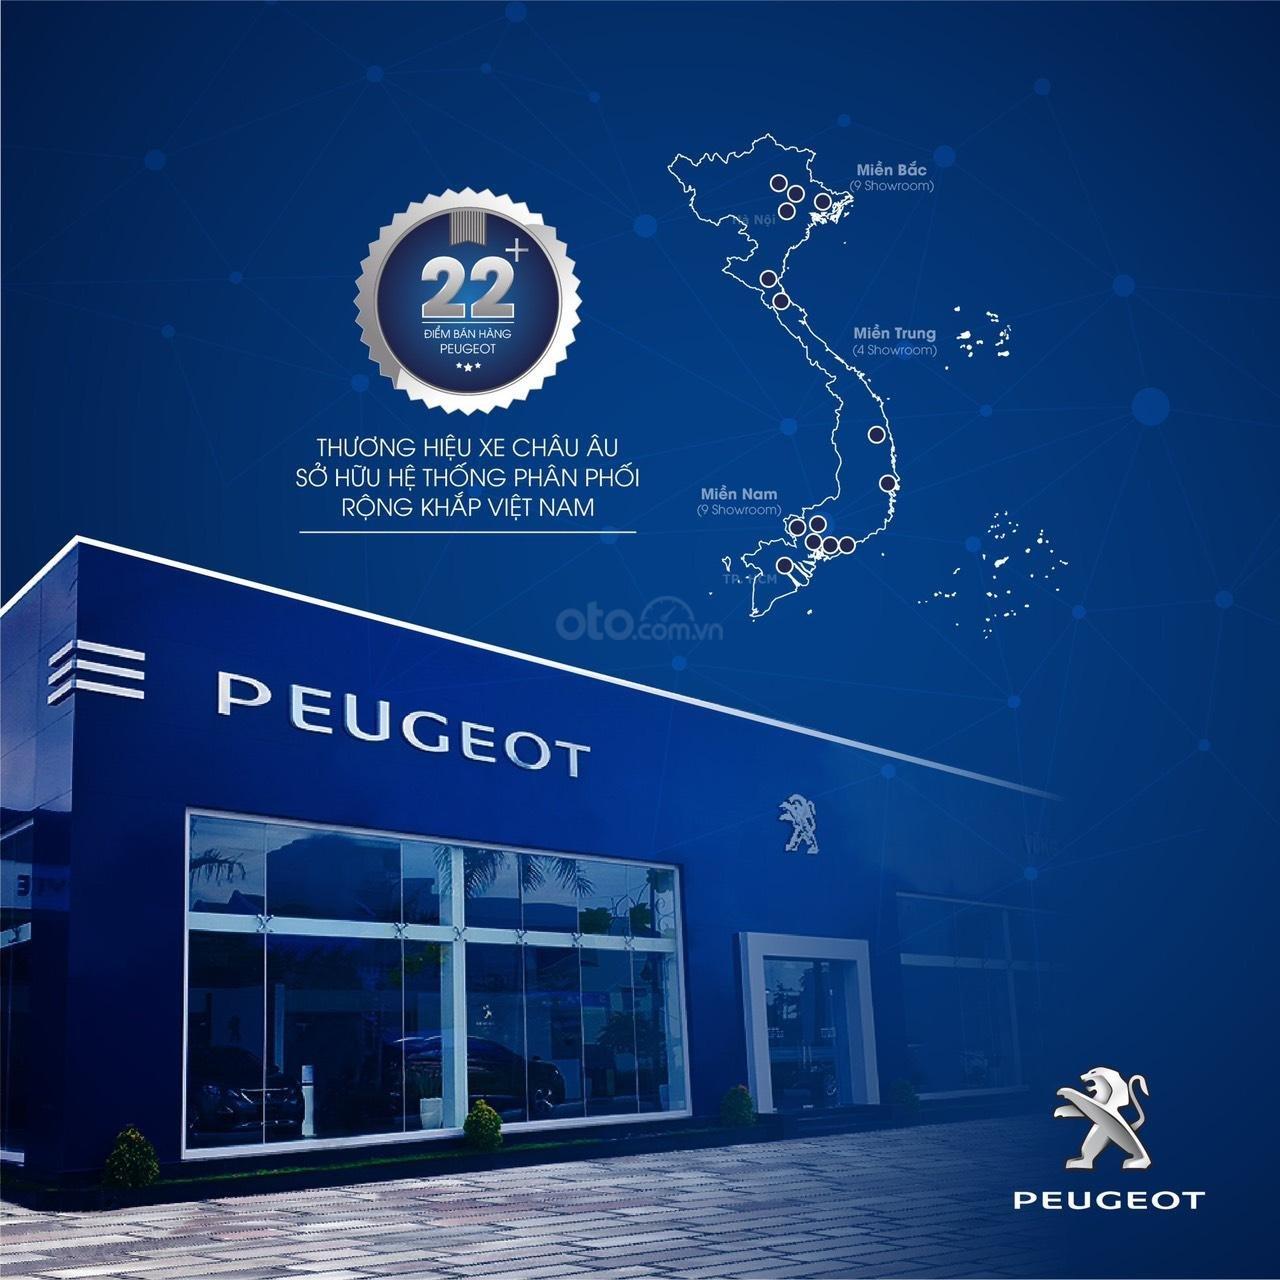 """Peugeot 5008 đủ màu """" đặc biệt có màu đỏ Utimate Red"""" giao xe ngay, hỗ trợ ngân hàng, tư vấn lái thử tân nhà (19)"""